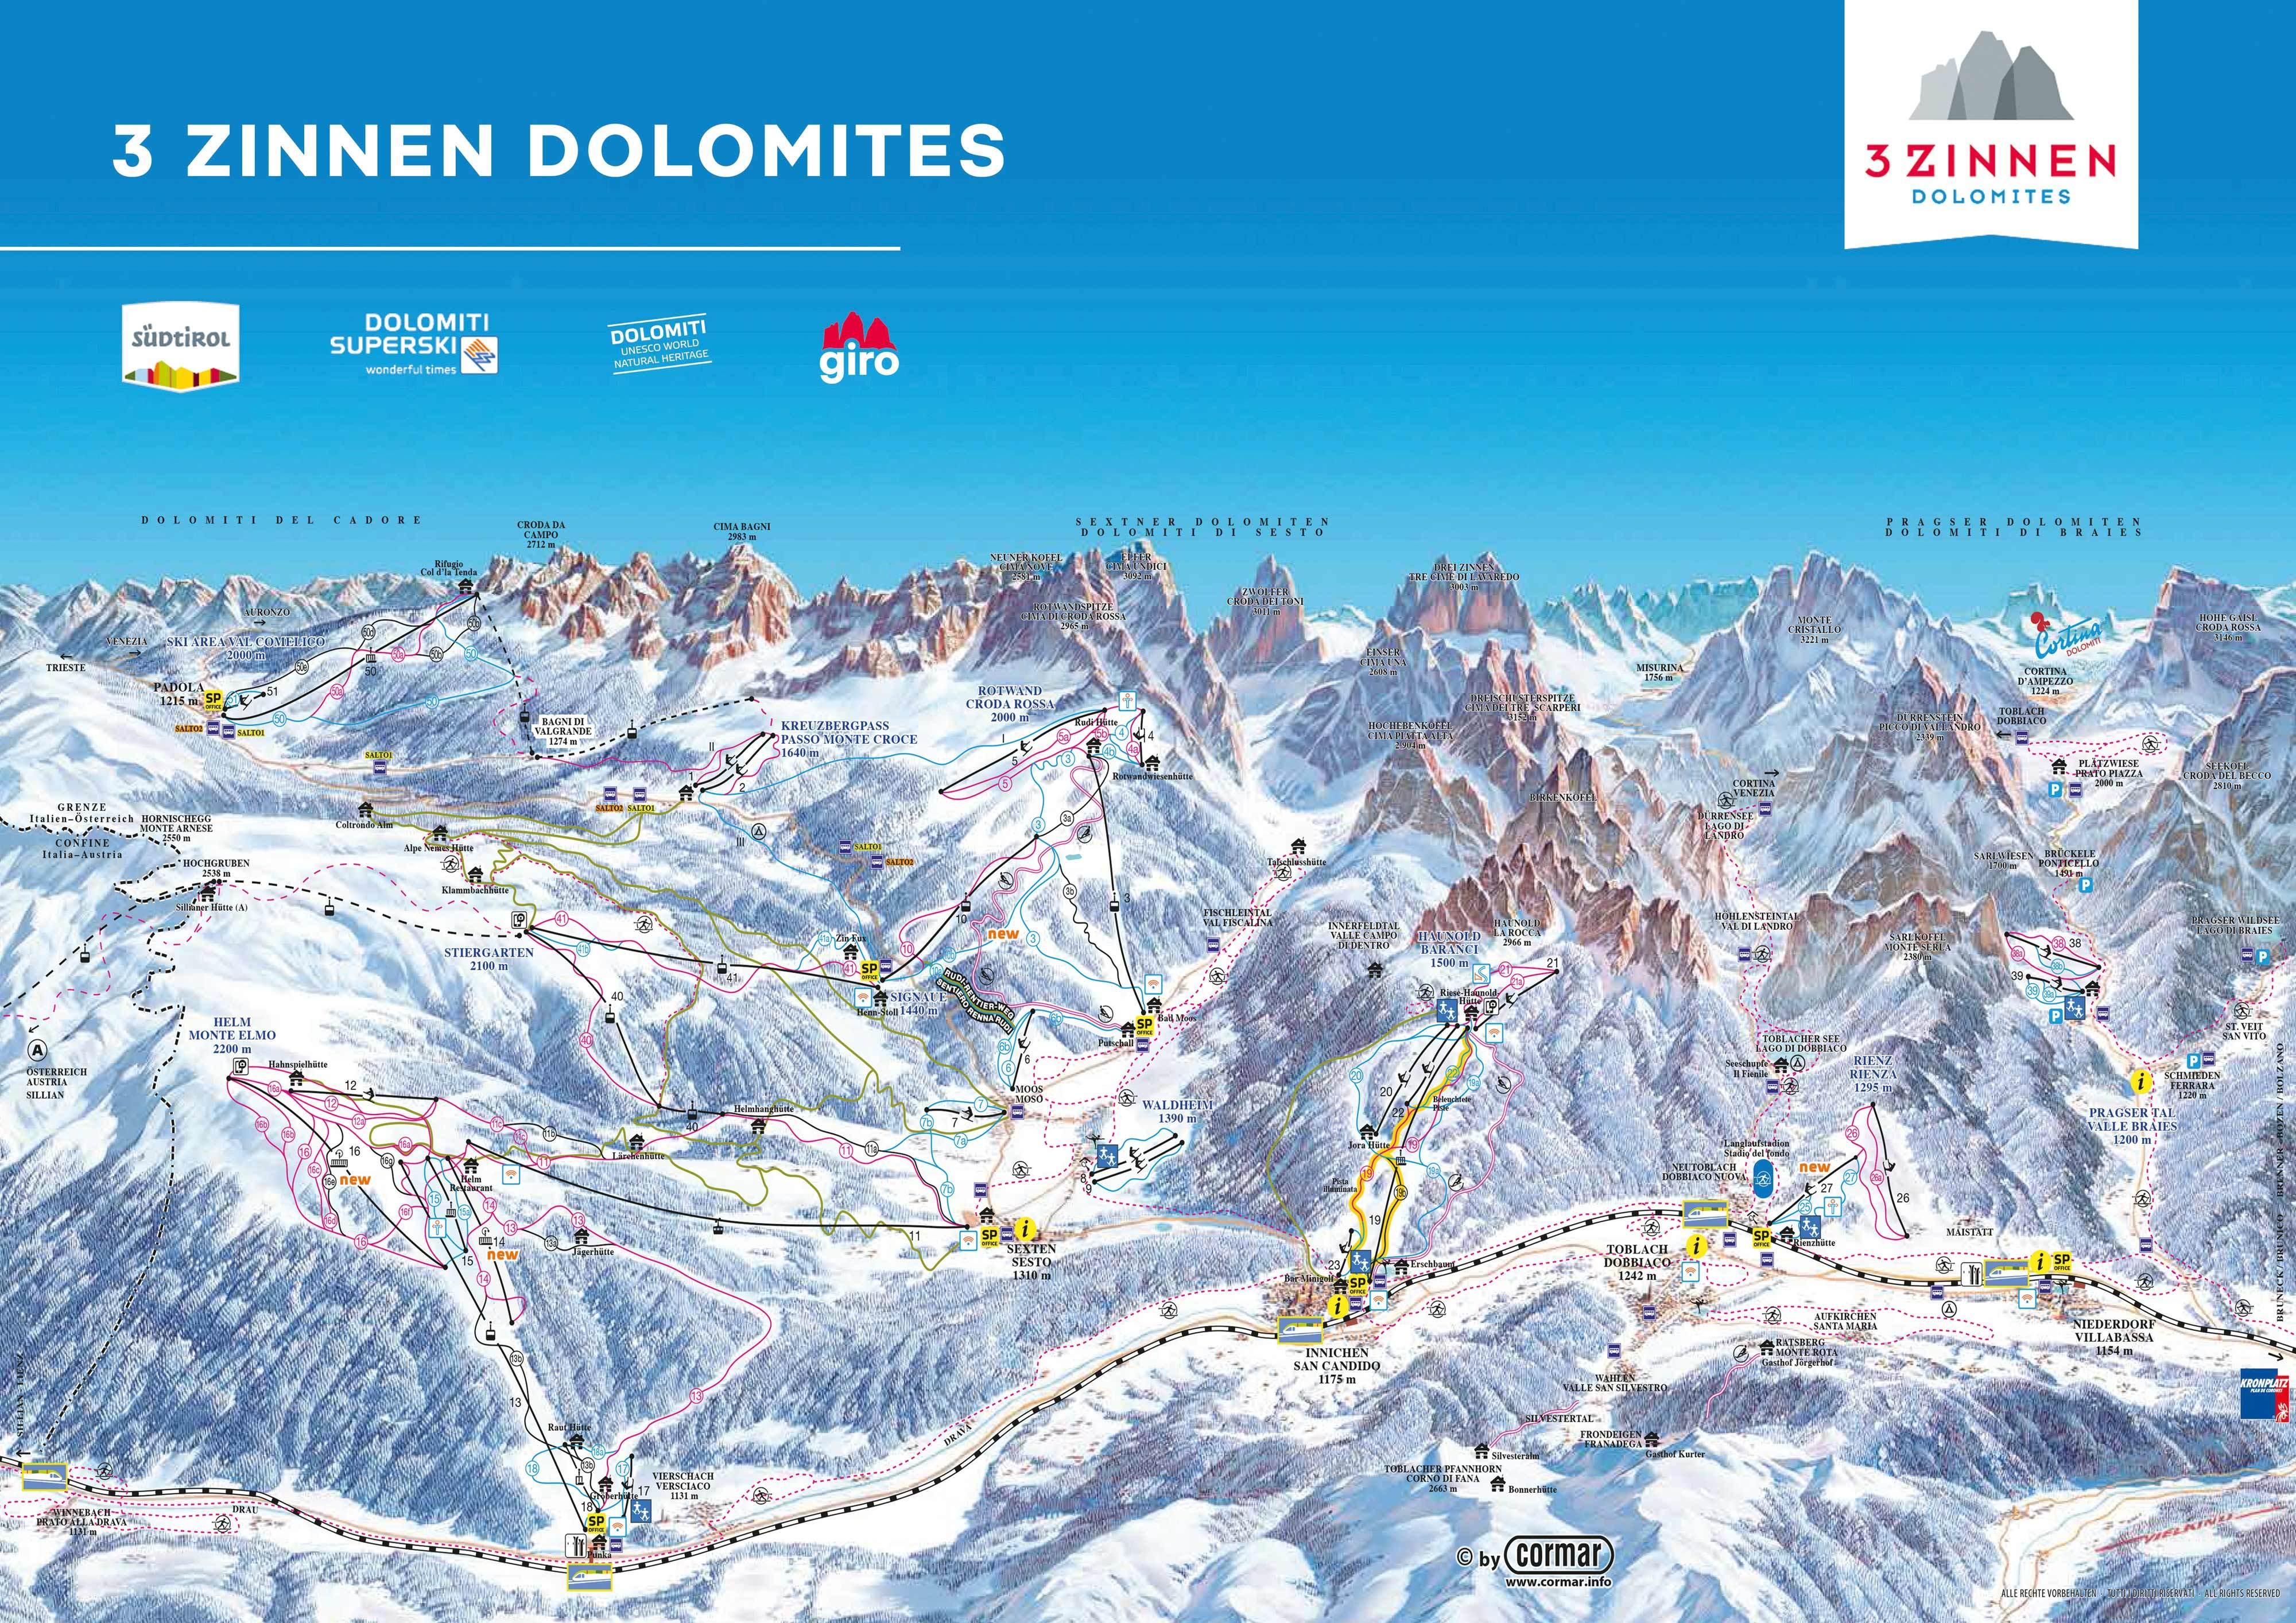 Cartina Dolomiti Superski.Mappa Delle Piste Da Sci A Tre Cime Dolomiti